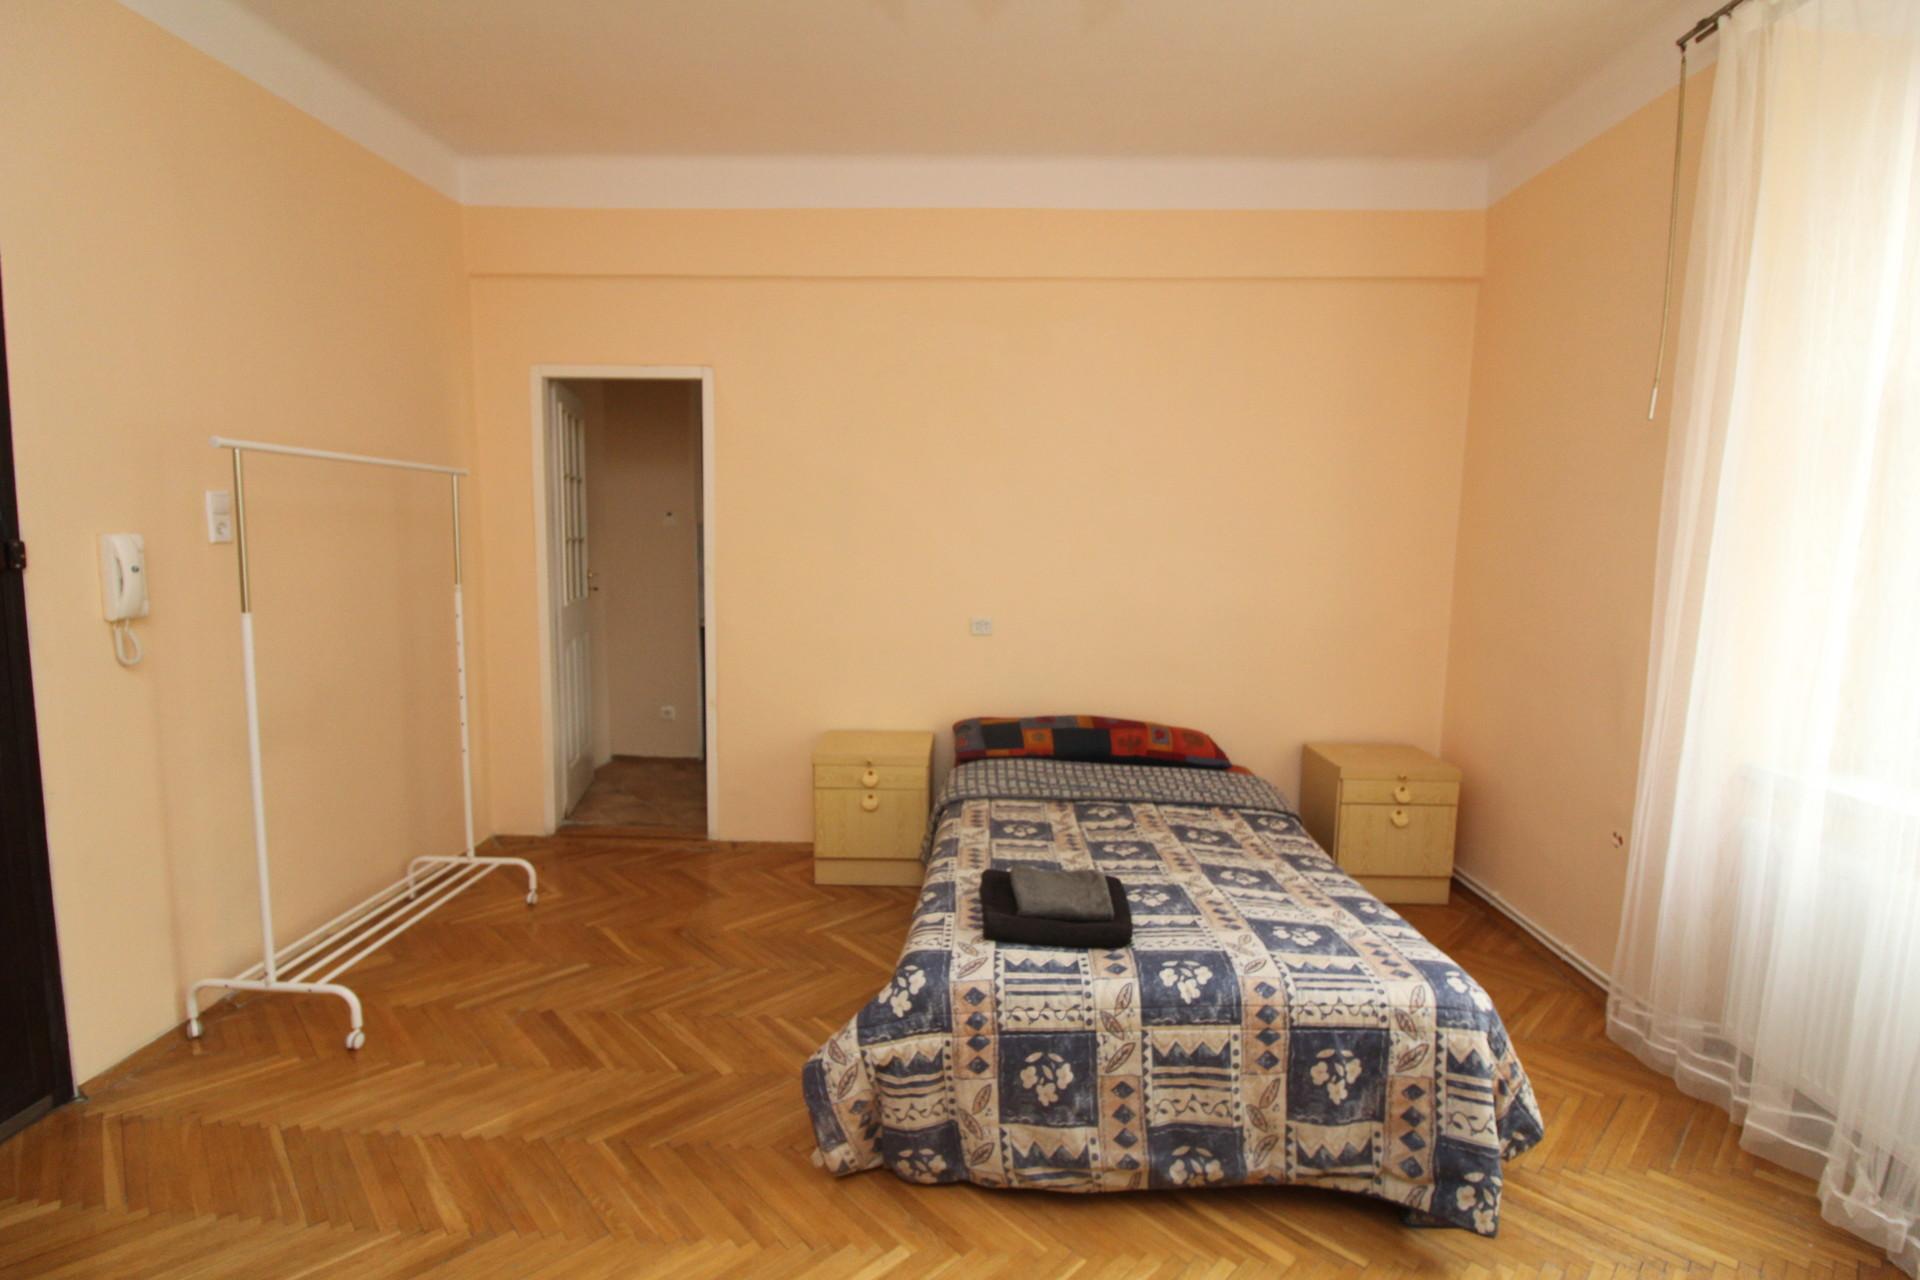 1 Bedroom Apartment In The Centre (kino Kijów)